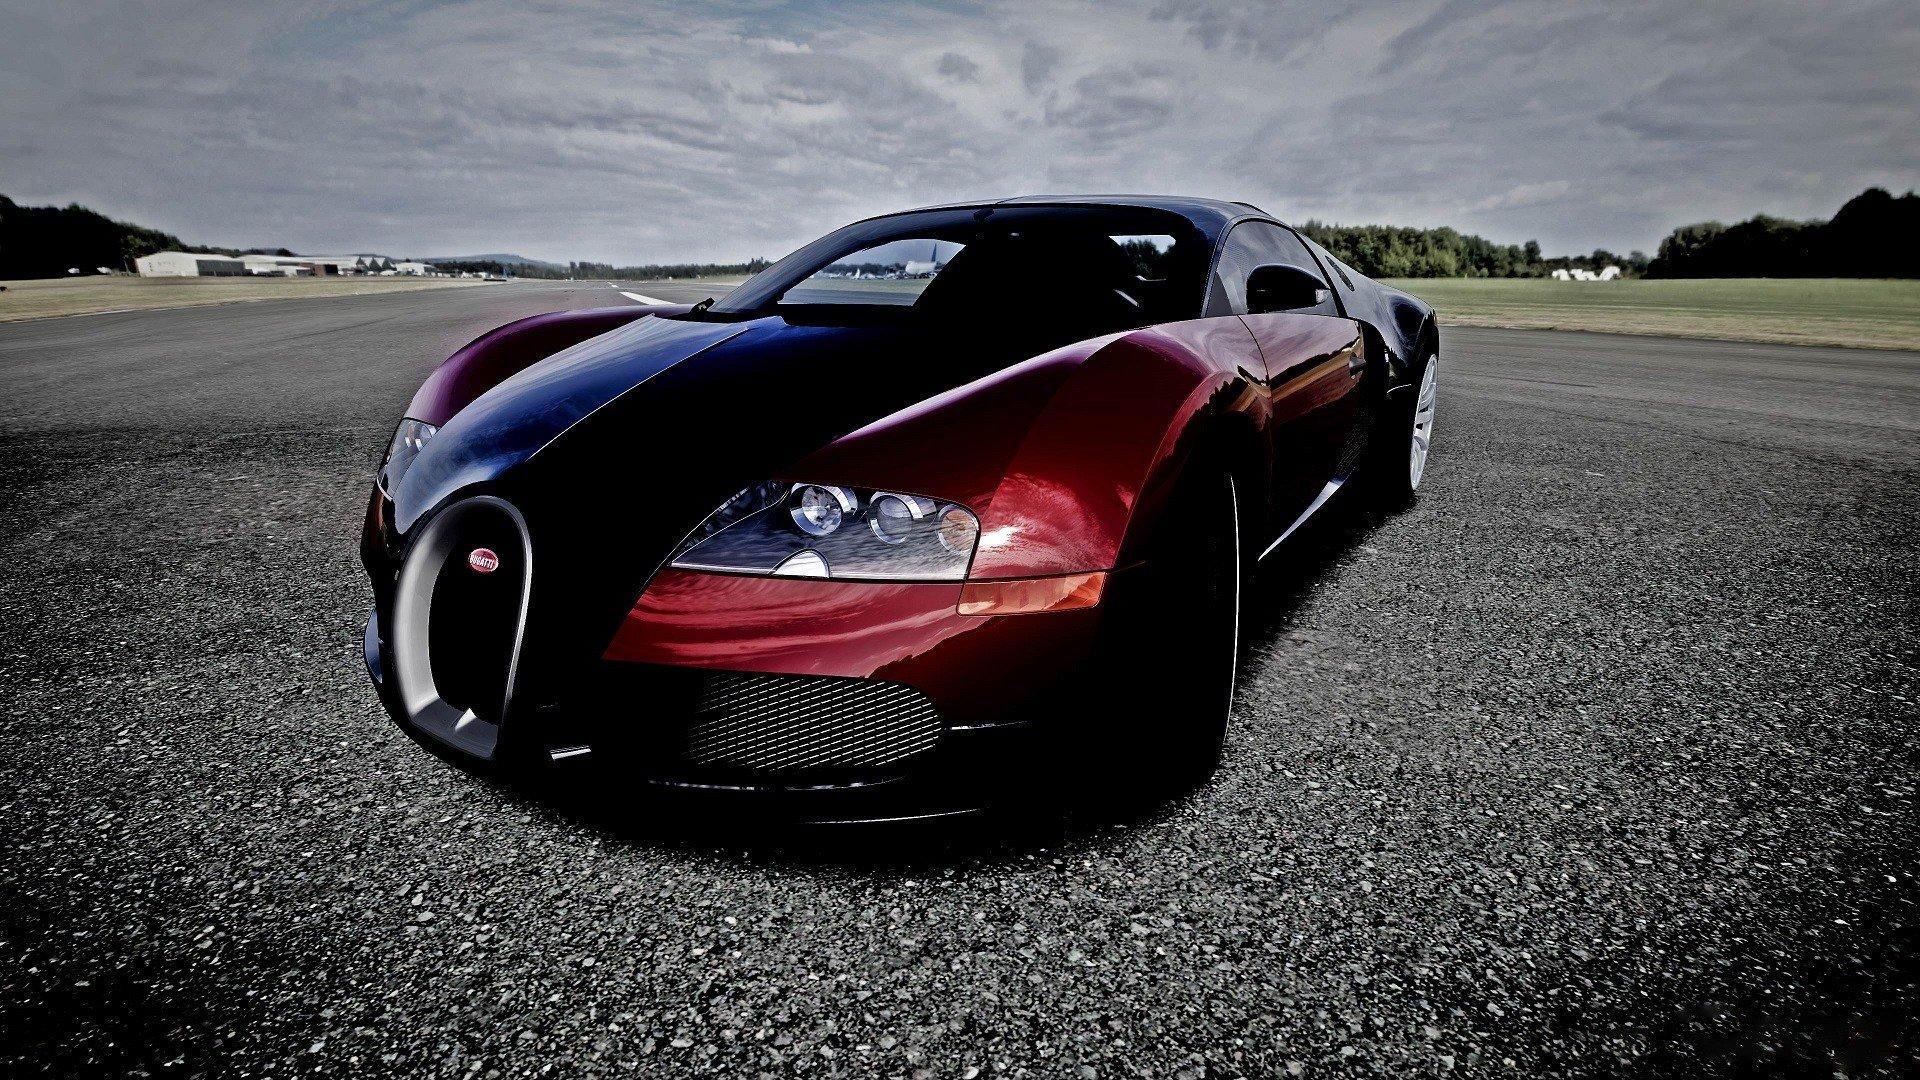 Bugatti download wallpaper image